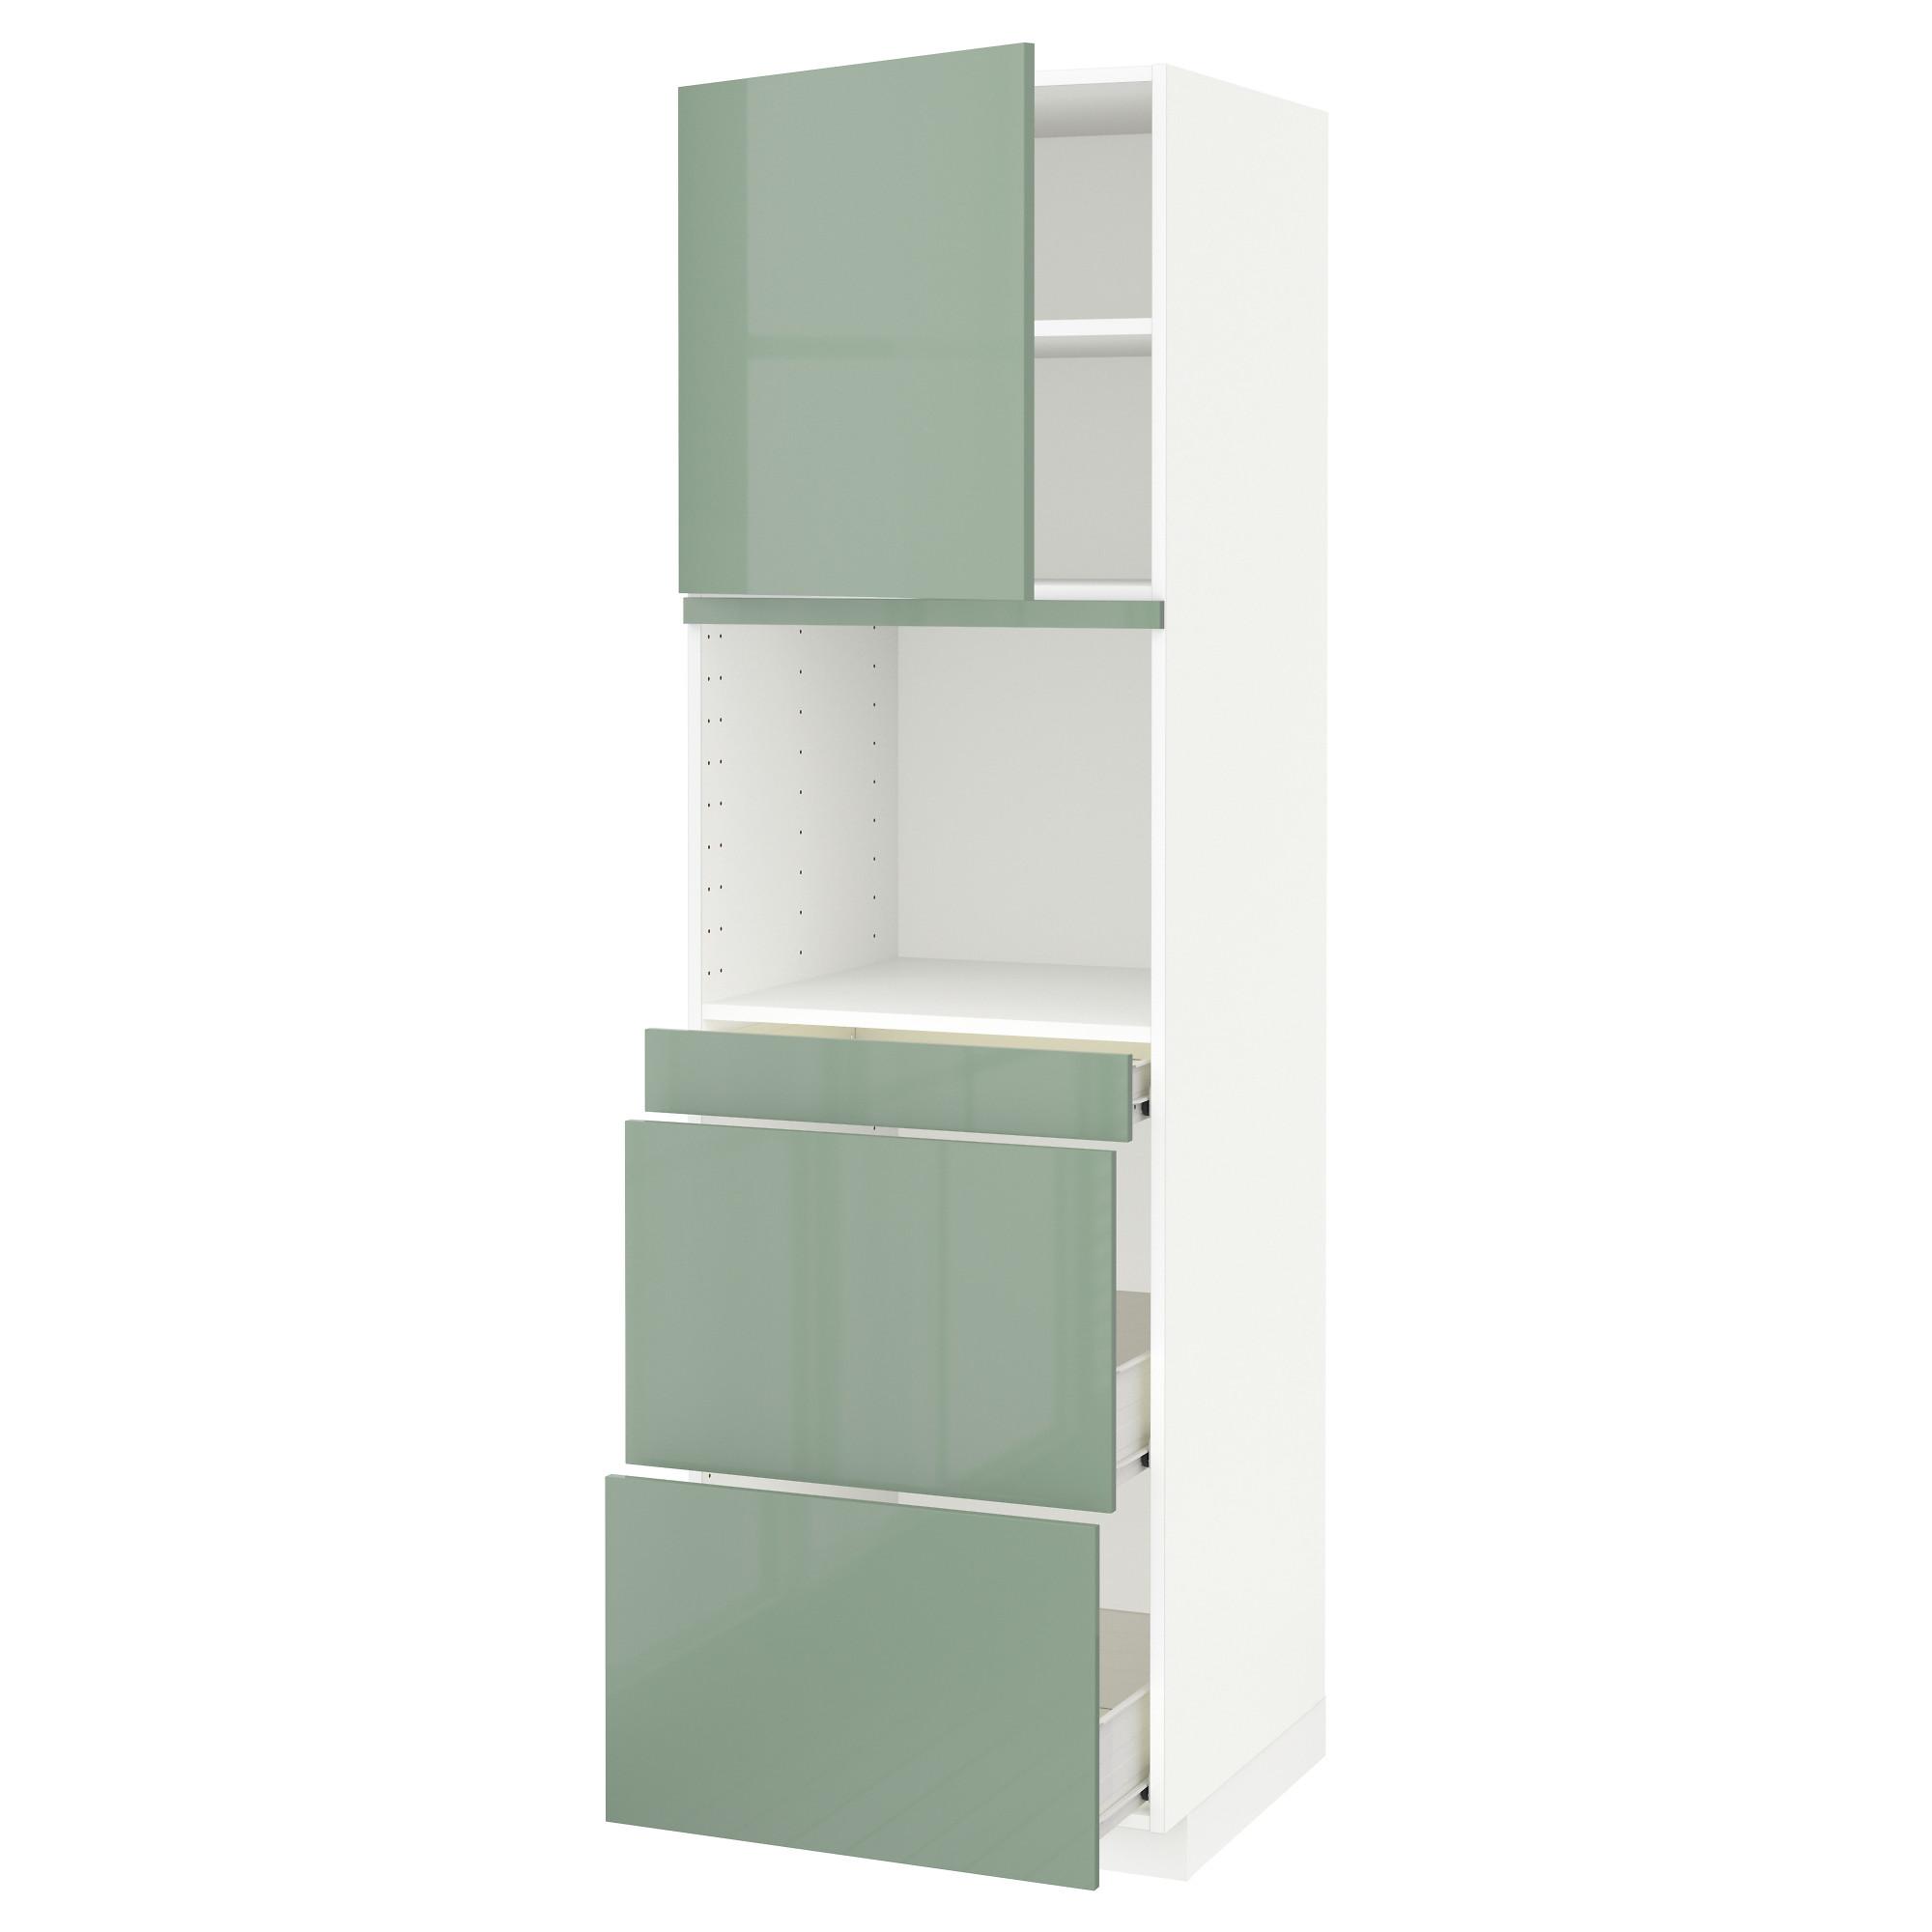 Высокий шкаф для СВЧ/дверца, 3 ящика МЕТОД / ФОРВАРА светло-зеленый артикуль № 492.664.23 в наличии. Онлайн каталог IKEA Беларусь. Быстрая доставка и соборка.